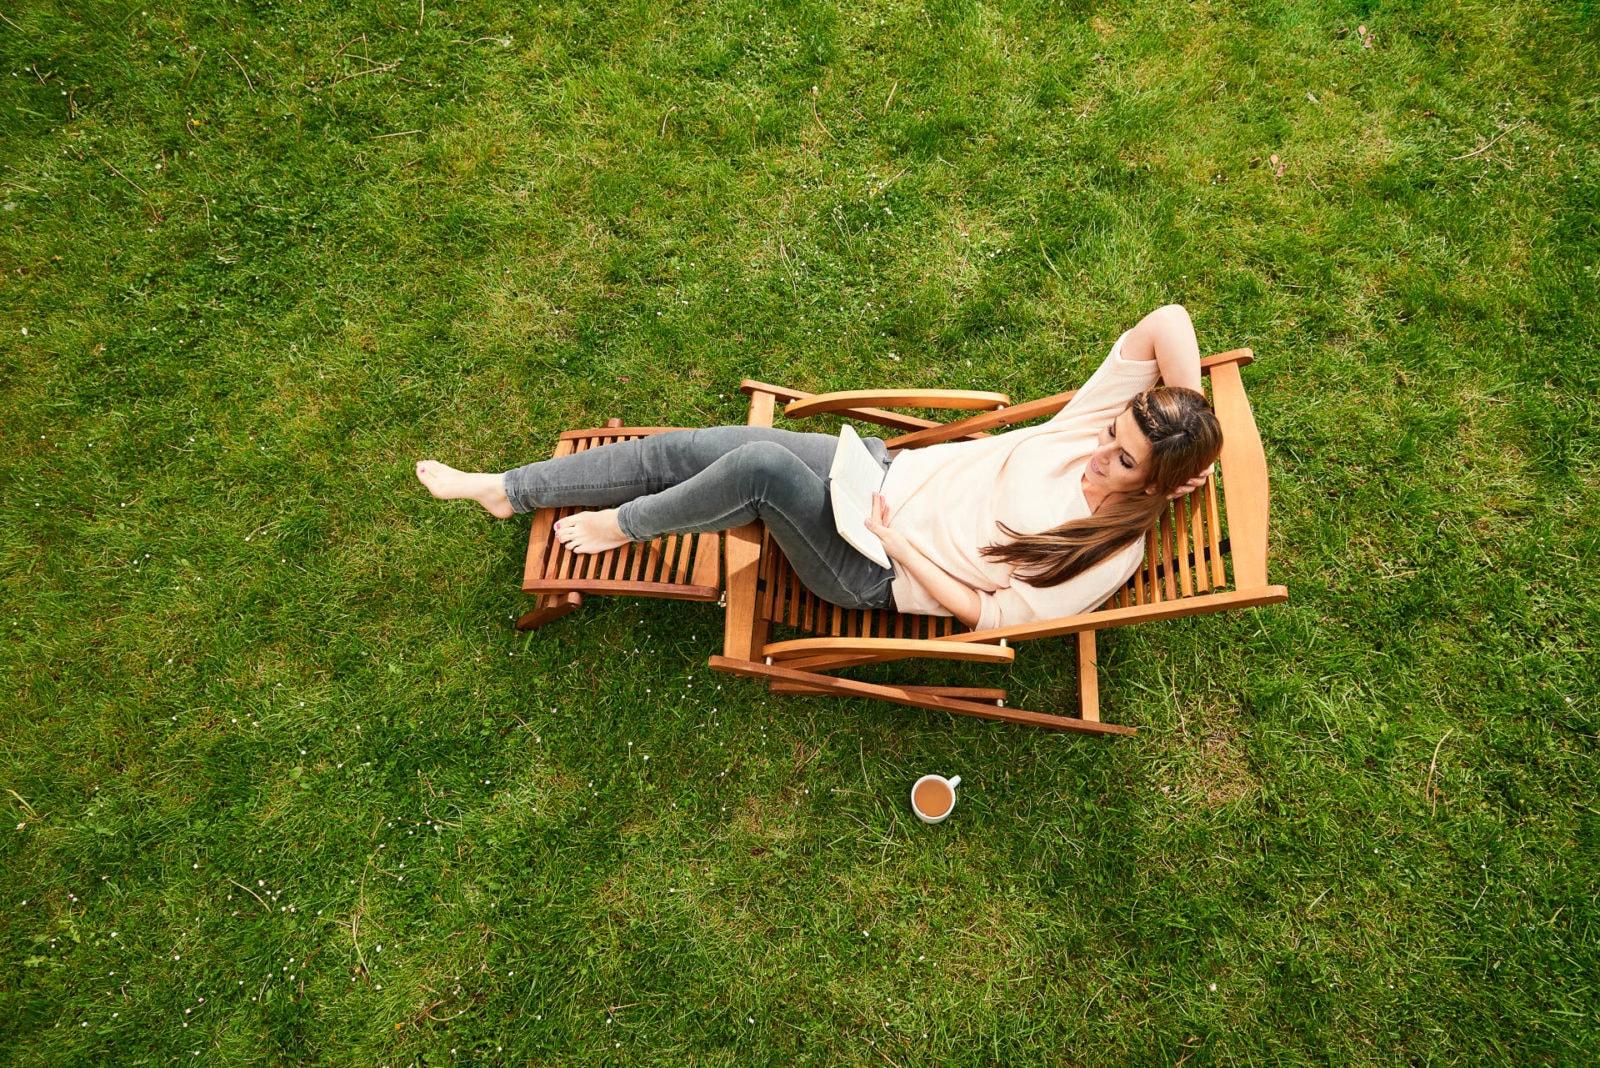 Freizeit im Garten mit Frau